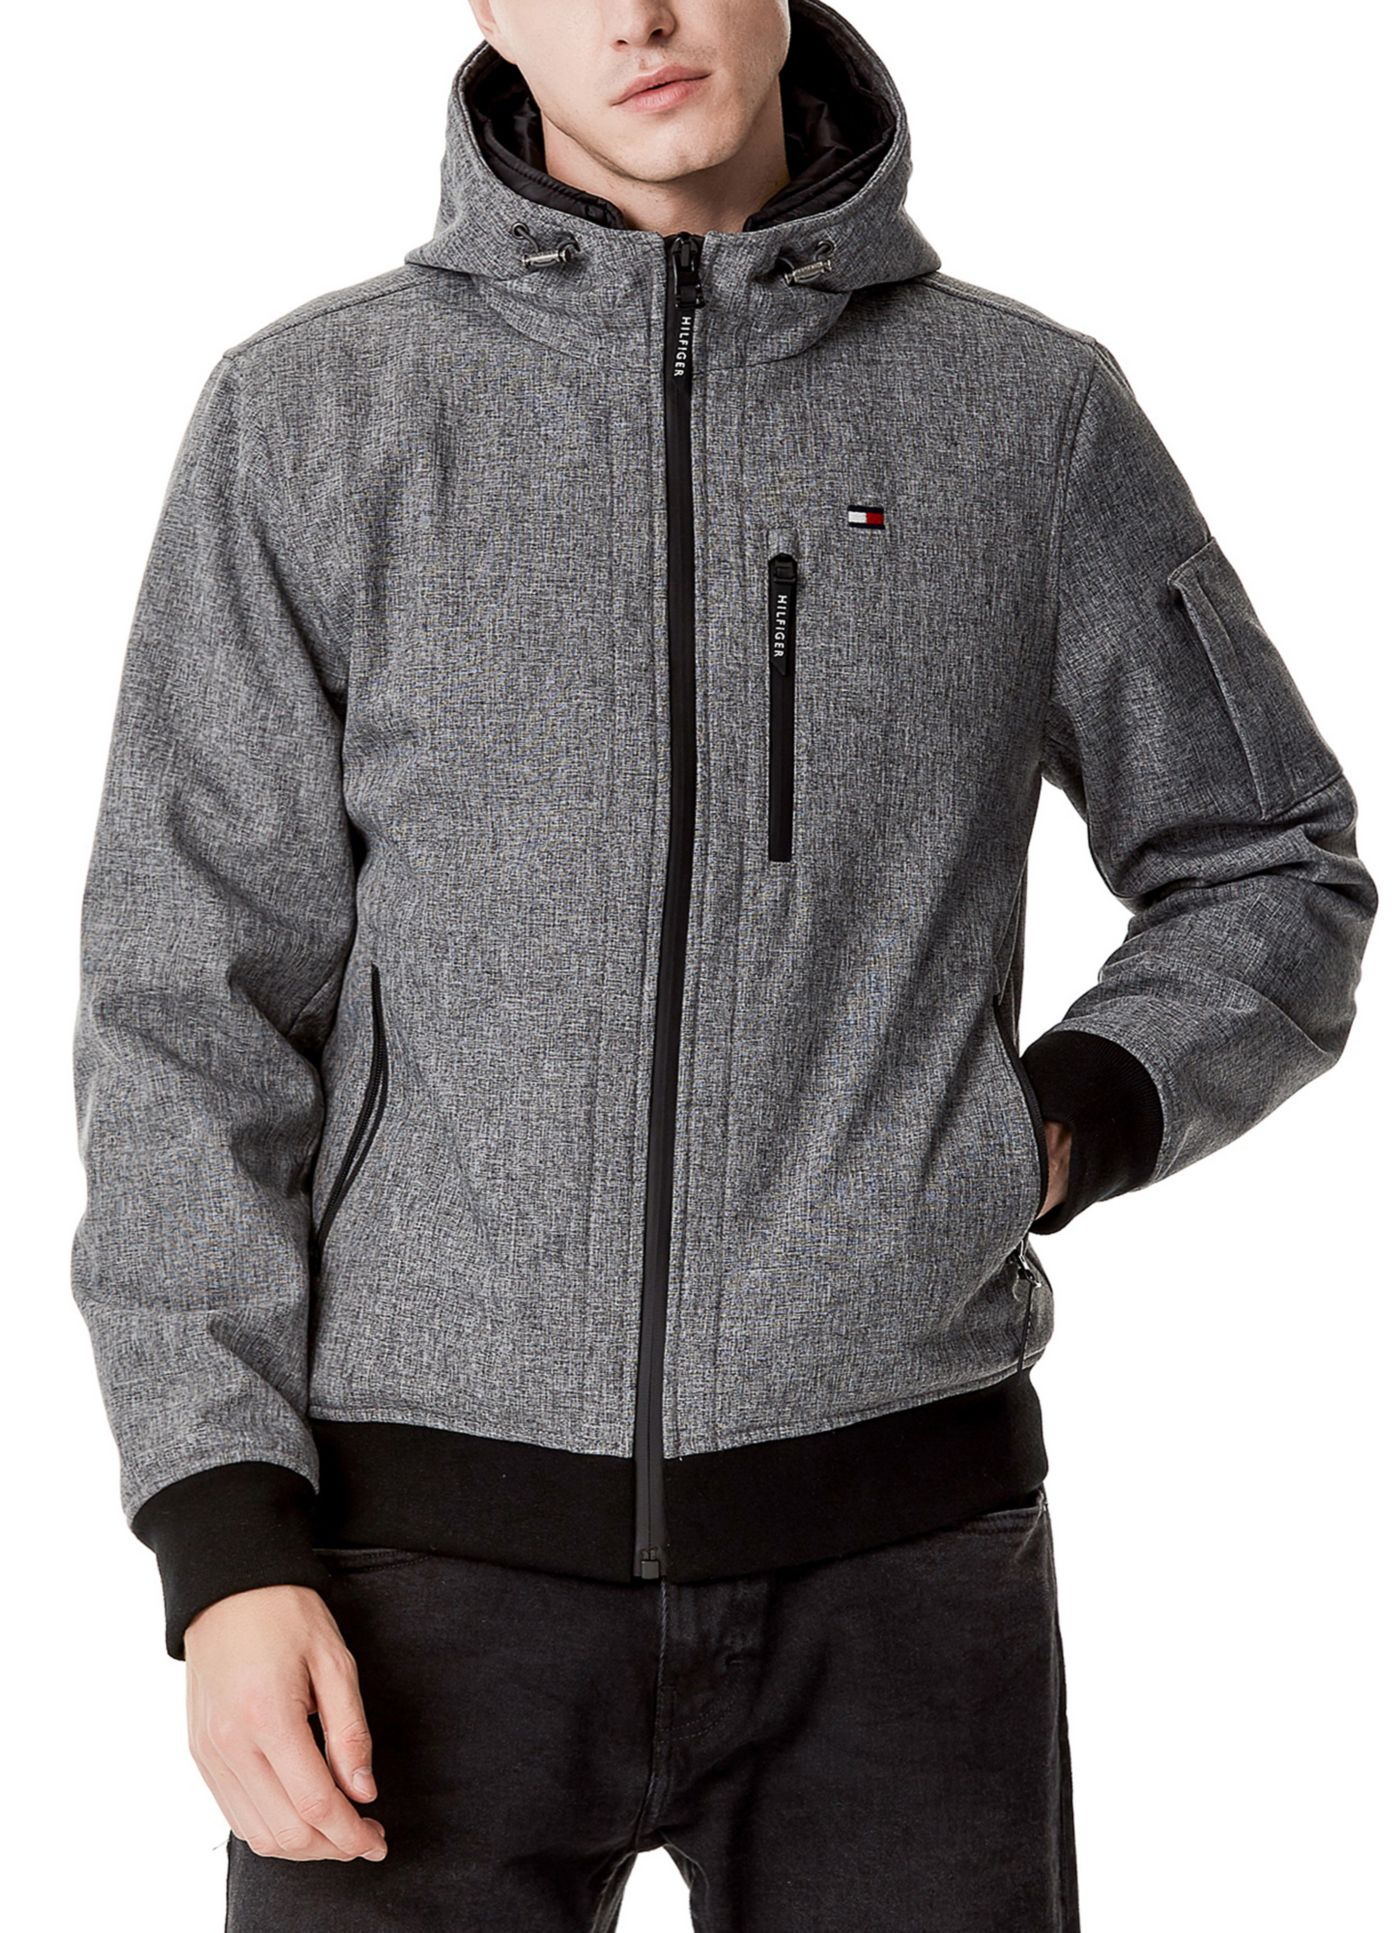 Tommy Hilfiger Men's Hooded Bomber Jacket